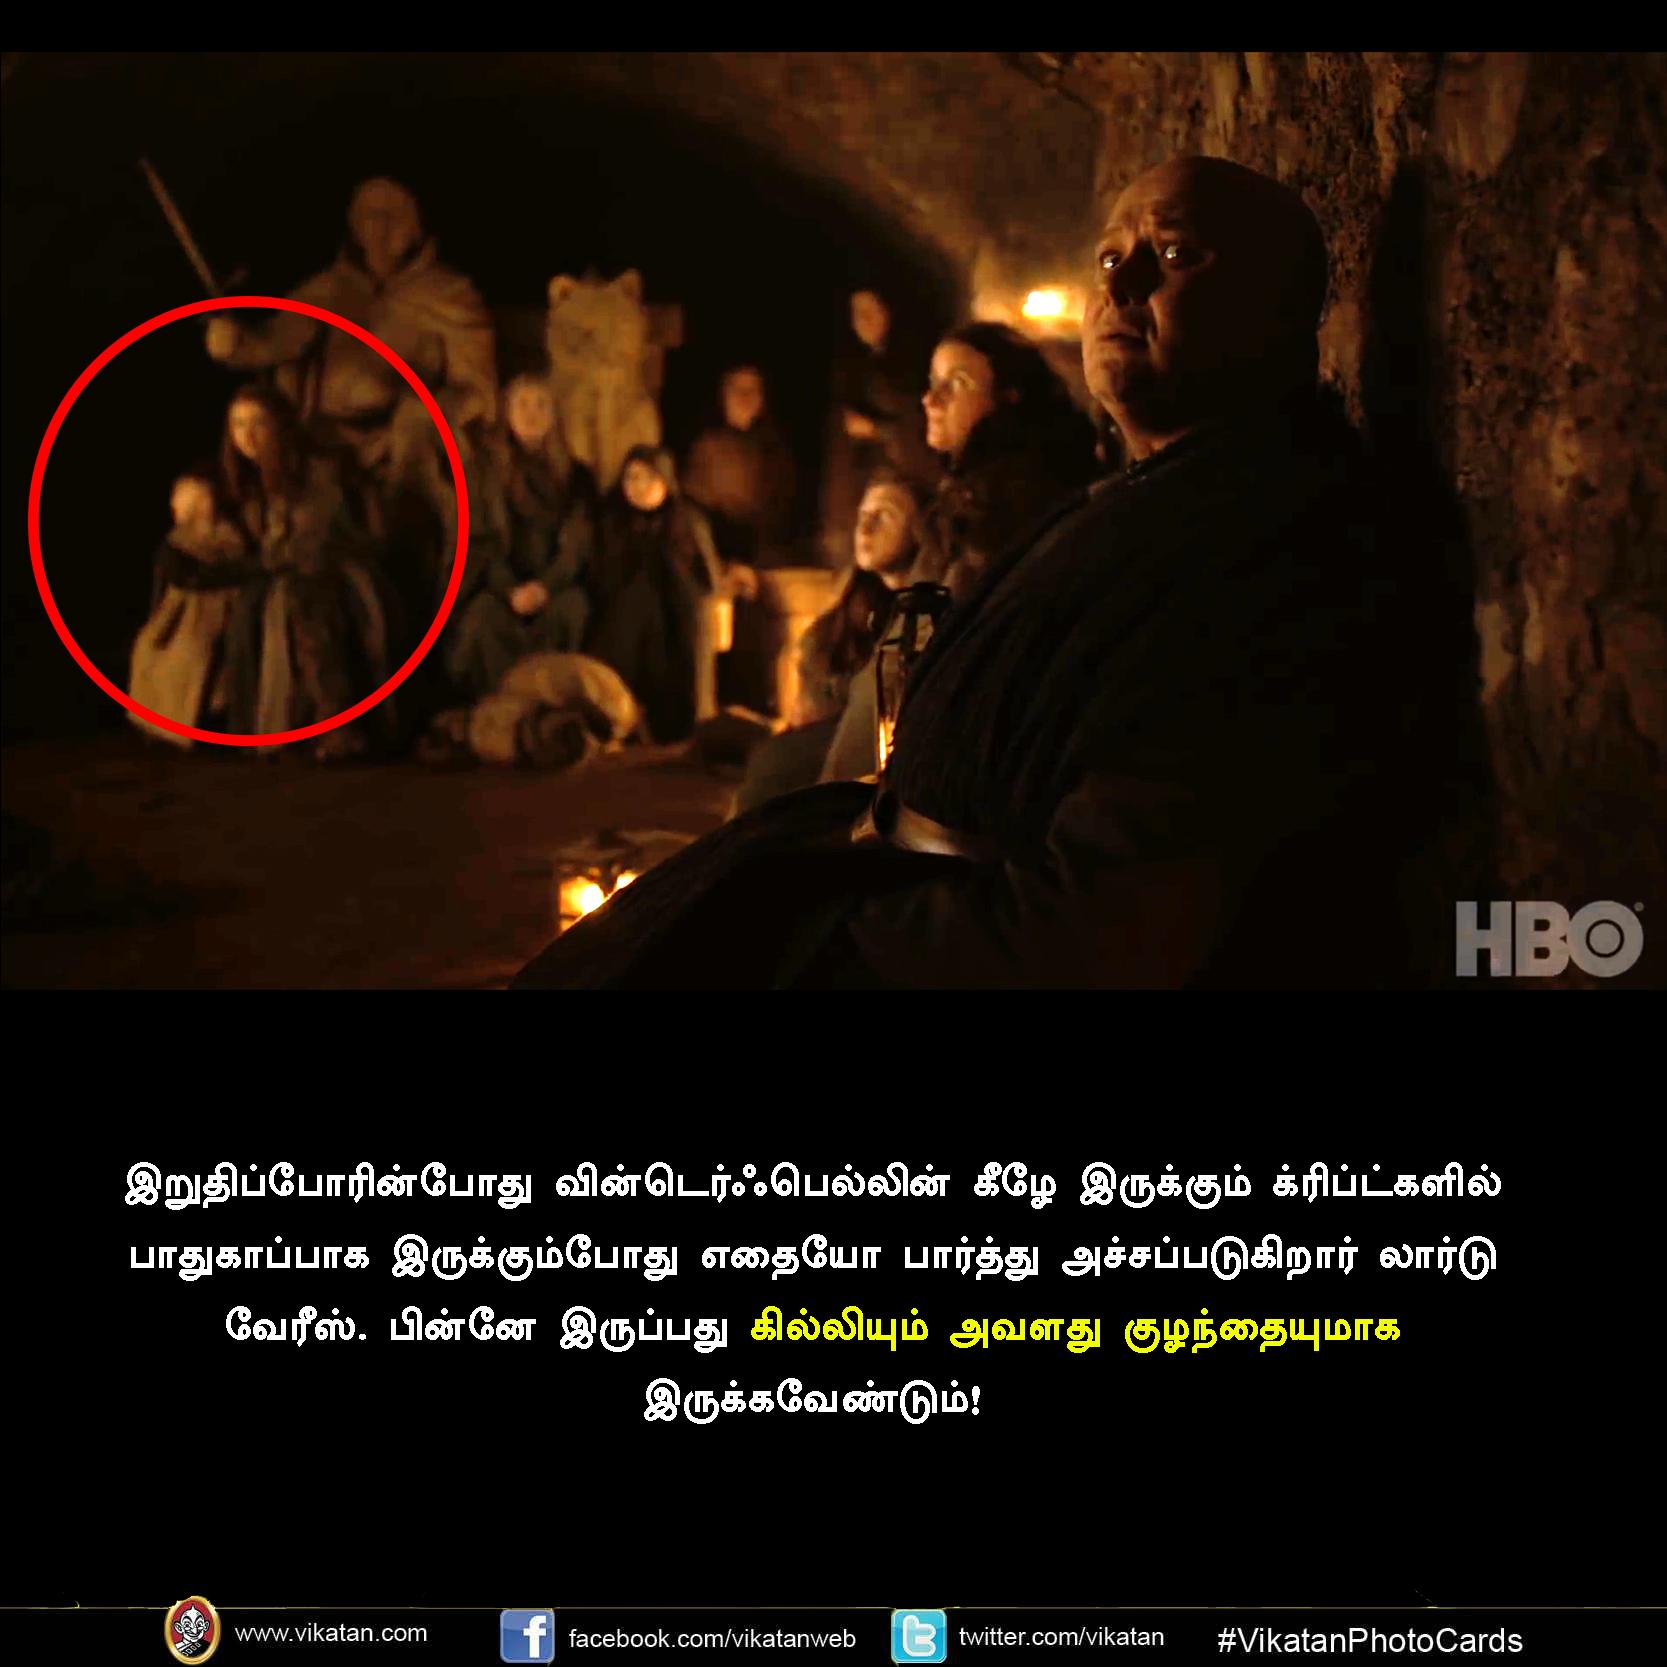 கேம் ஆஃப் த்ரோன்ஸ் டிரெய்லரில் இந்த ரகசியங்களை எல்லாம் நோட் பண்ணீங்களா? #Breakdown #VikatanPhotoCards